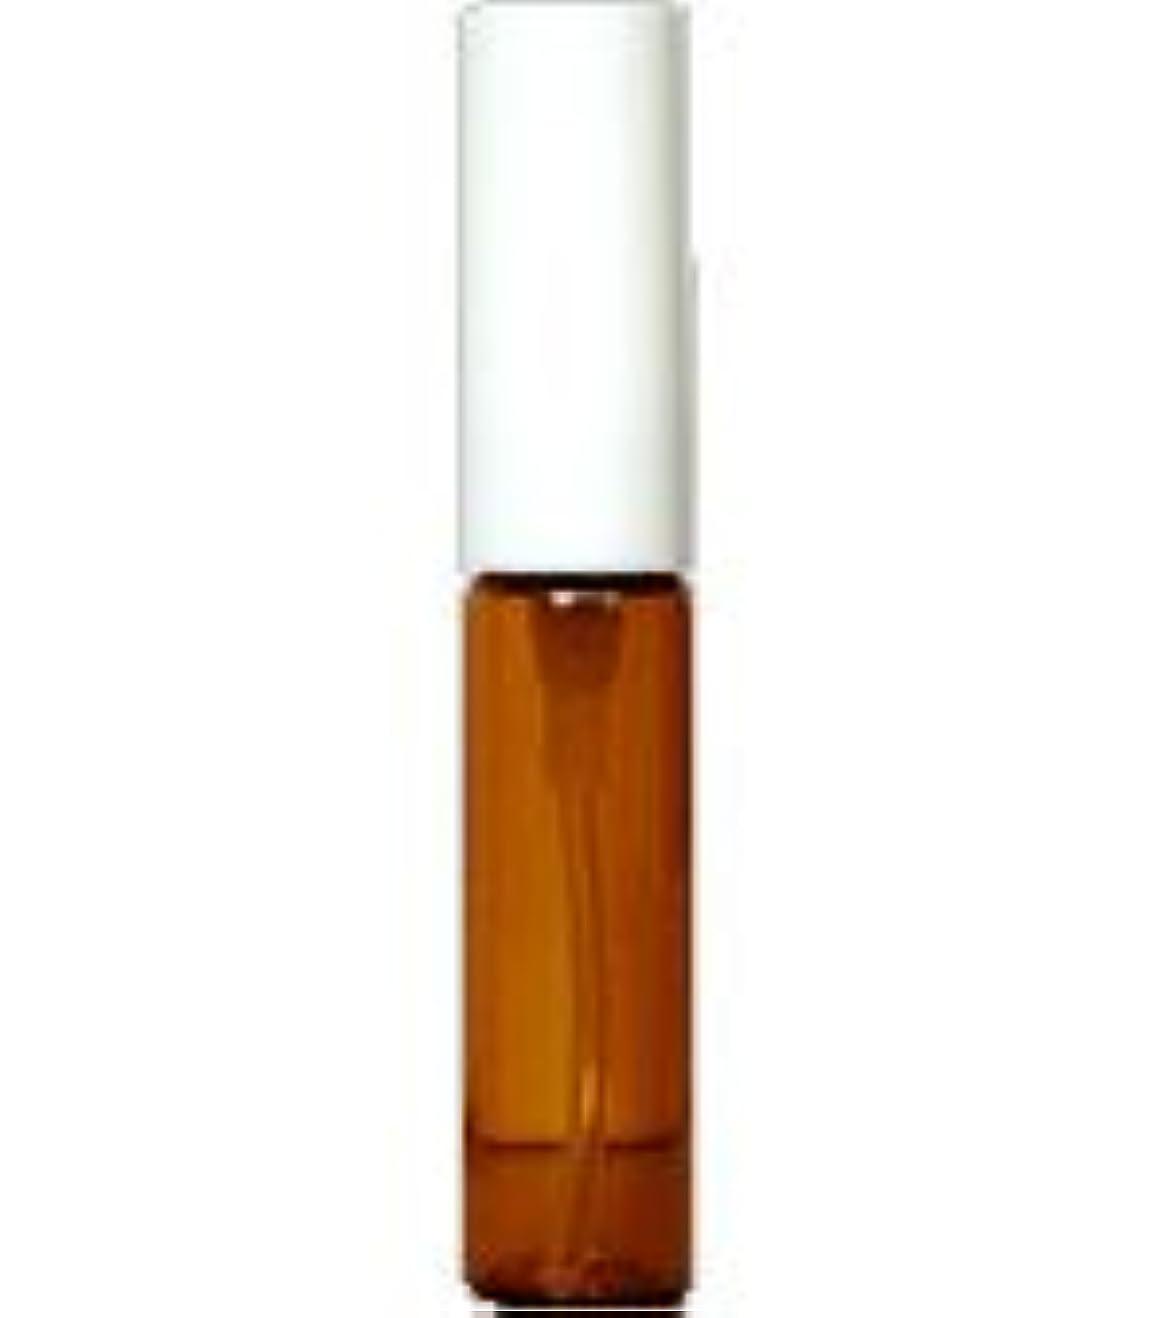 住む特異な腹痛生活の木 茶色ガラススプレー 5ml